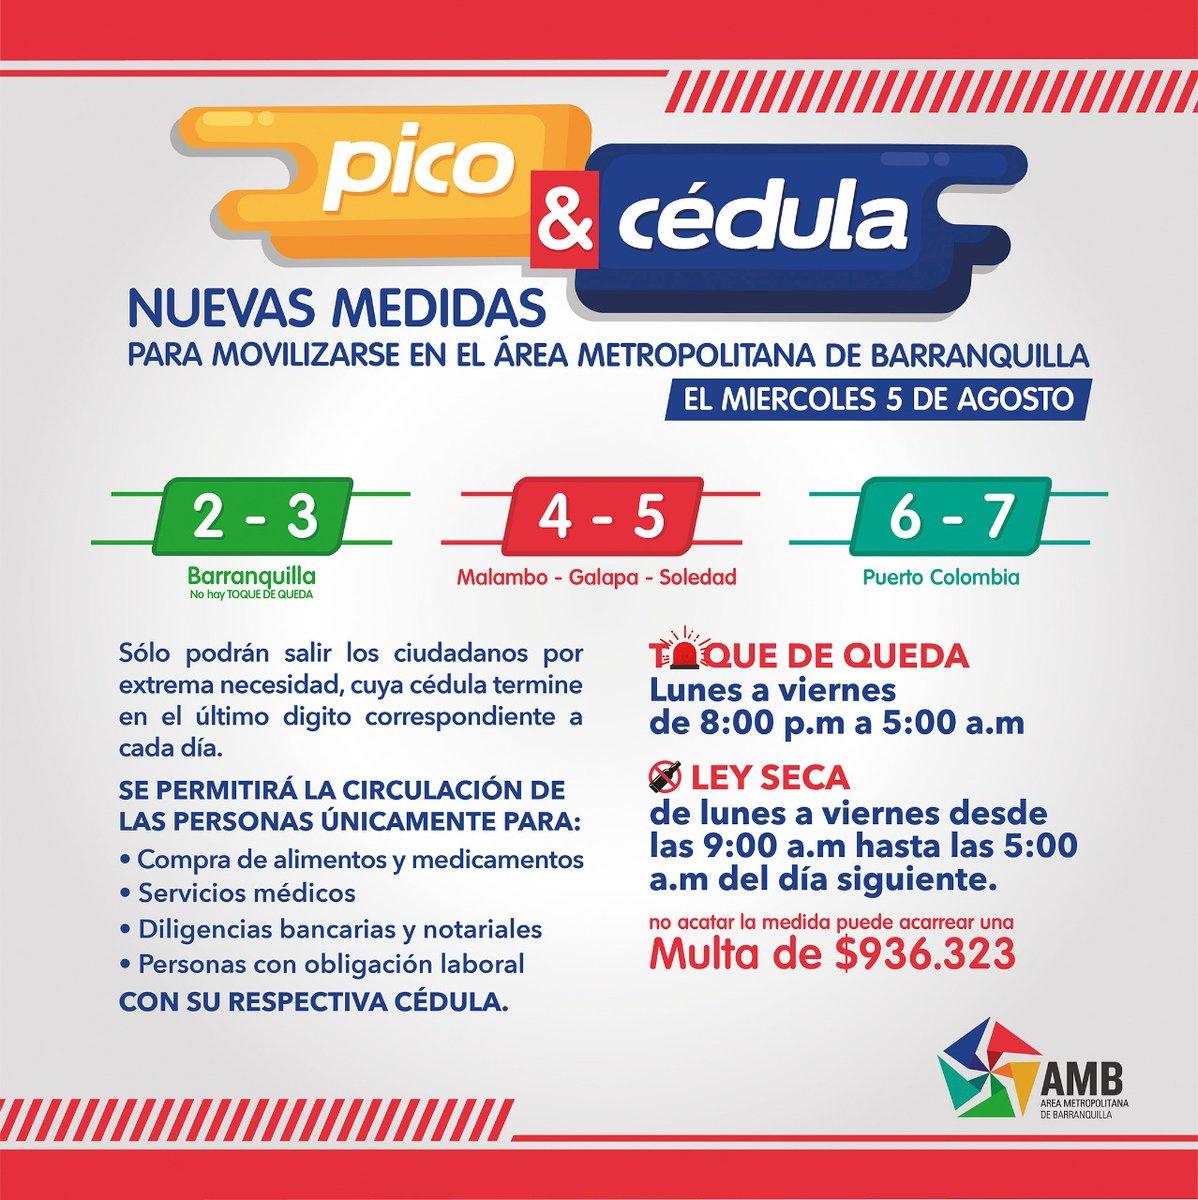 """¡Buenos días! ☀️ Le recordamos el """"Pico y Cédula"""" entre B/quilla y su Área Metropolitana para aquellas personas, cuya cédula termine en el último dígito correspondiente a cada día.  📍Barranquilla: 2️⃣ y 3️⃣  📍Malambo, Galapa y Soledad: 4️⃣ y 5️⃣  📍Puerto Colombia: 6️⃣ y 7️⃣ https://t.co/JqC2KmotMG"""